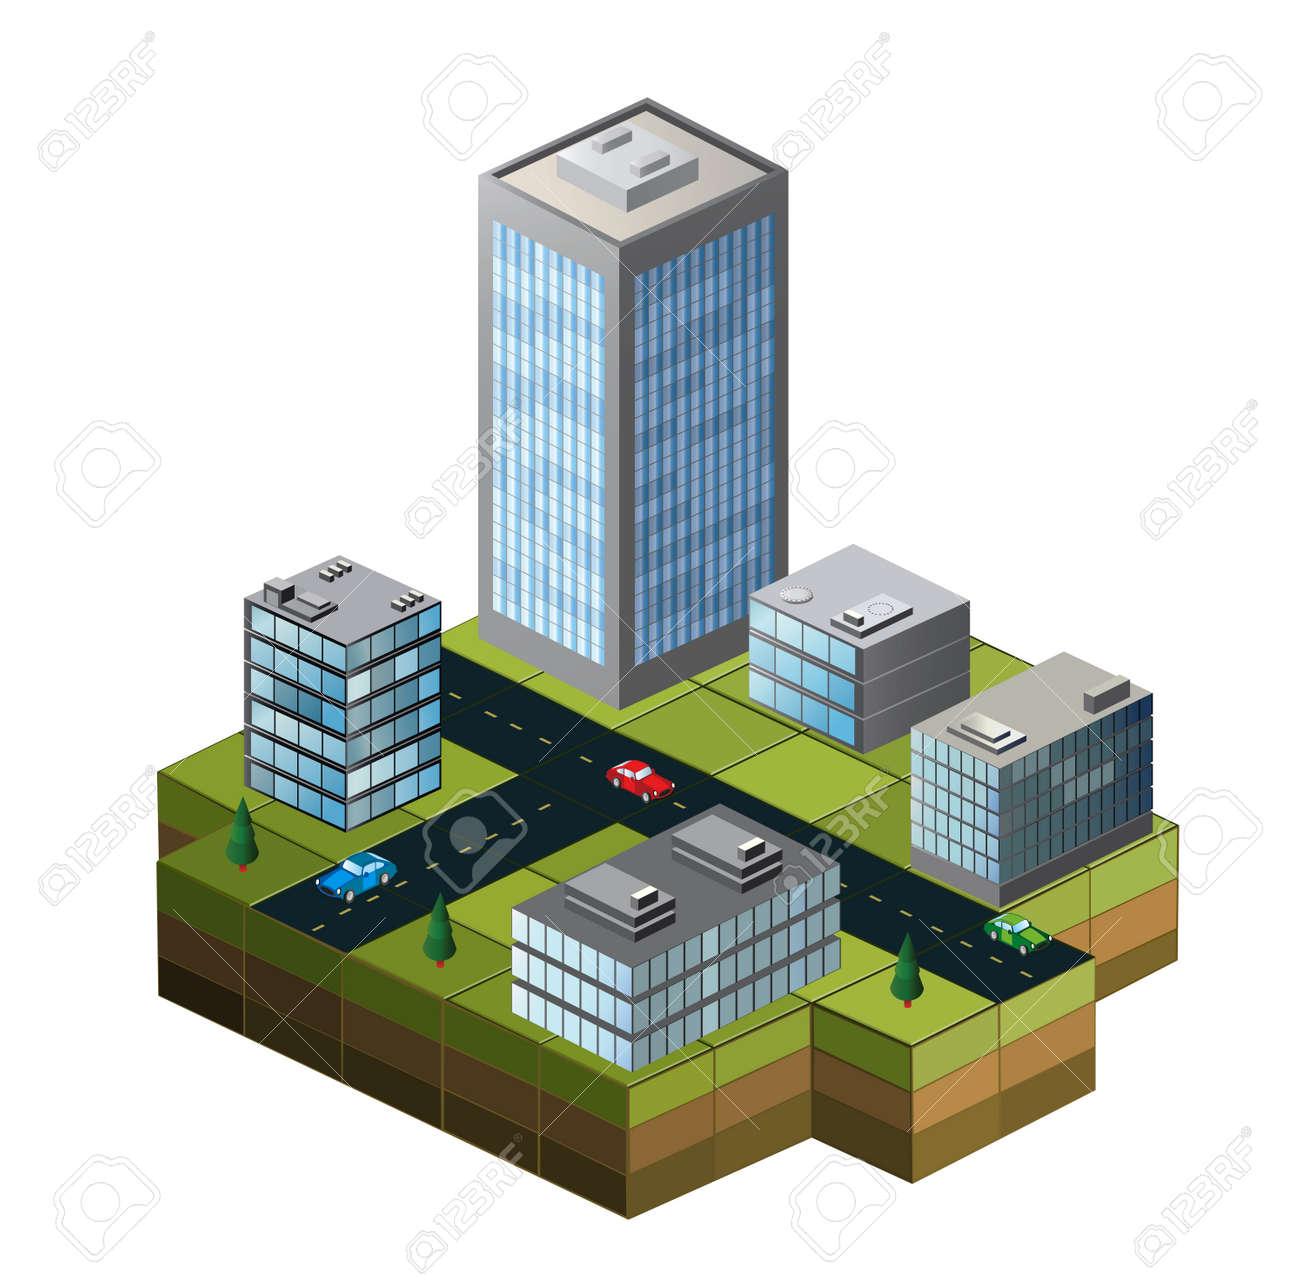 Costruzioni isometriche su una mappa della città su uno sfondo bianco Archivio Fotografico - 22345618